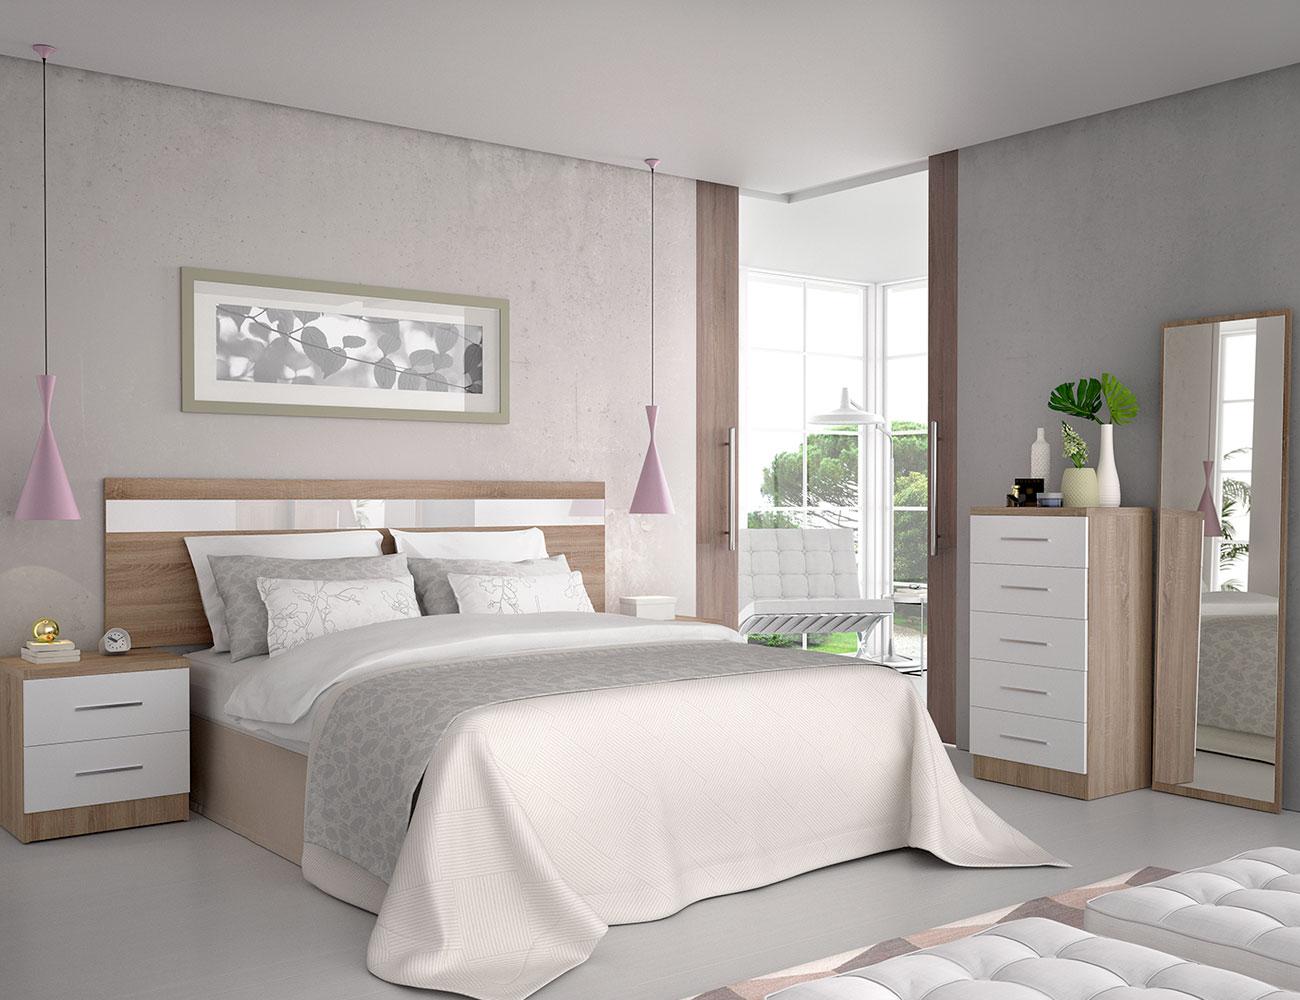 Dormitorio matrimonio cambrian blanco oferta1